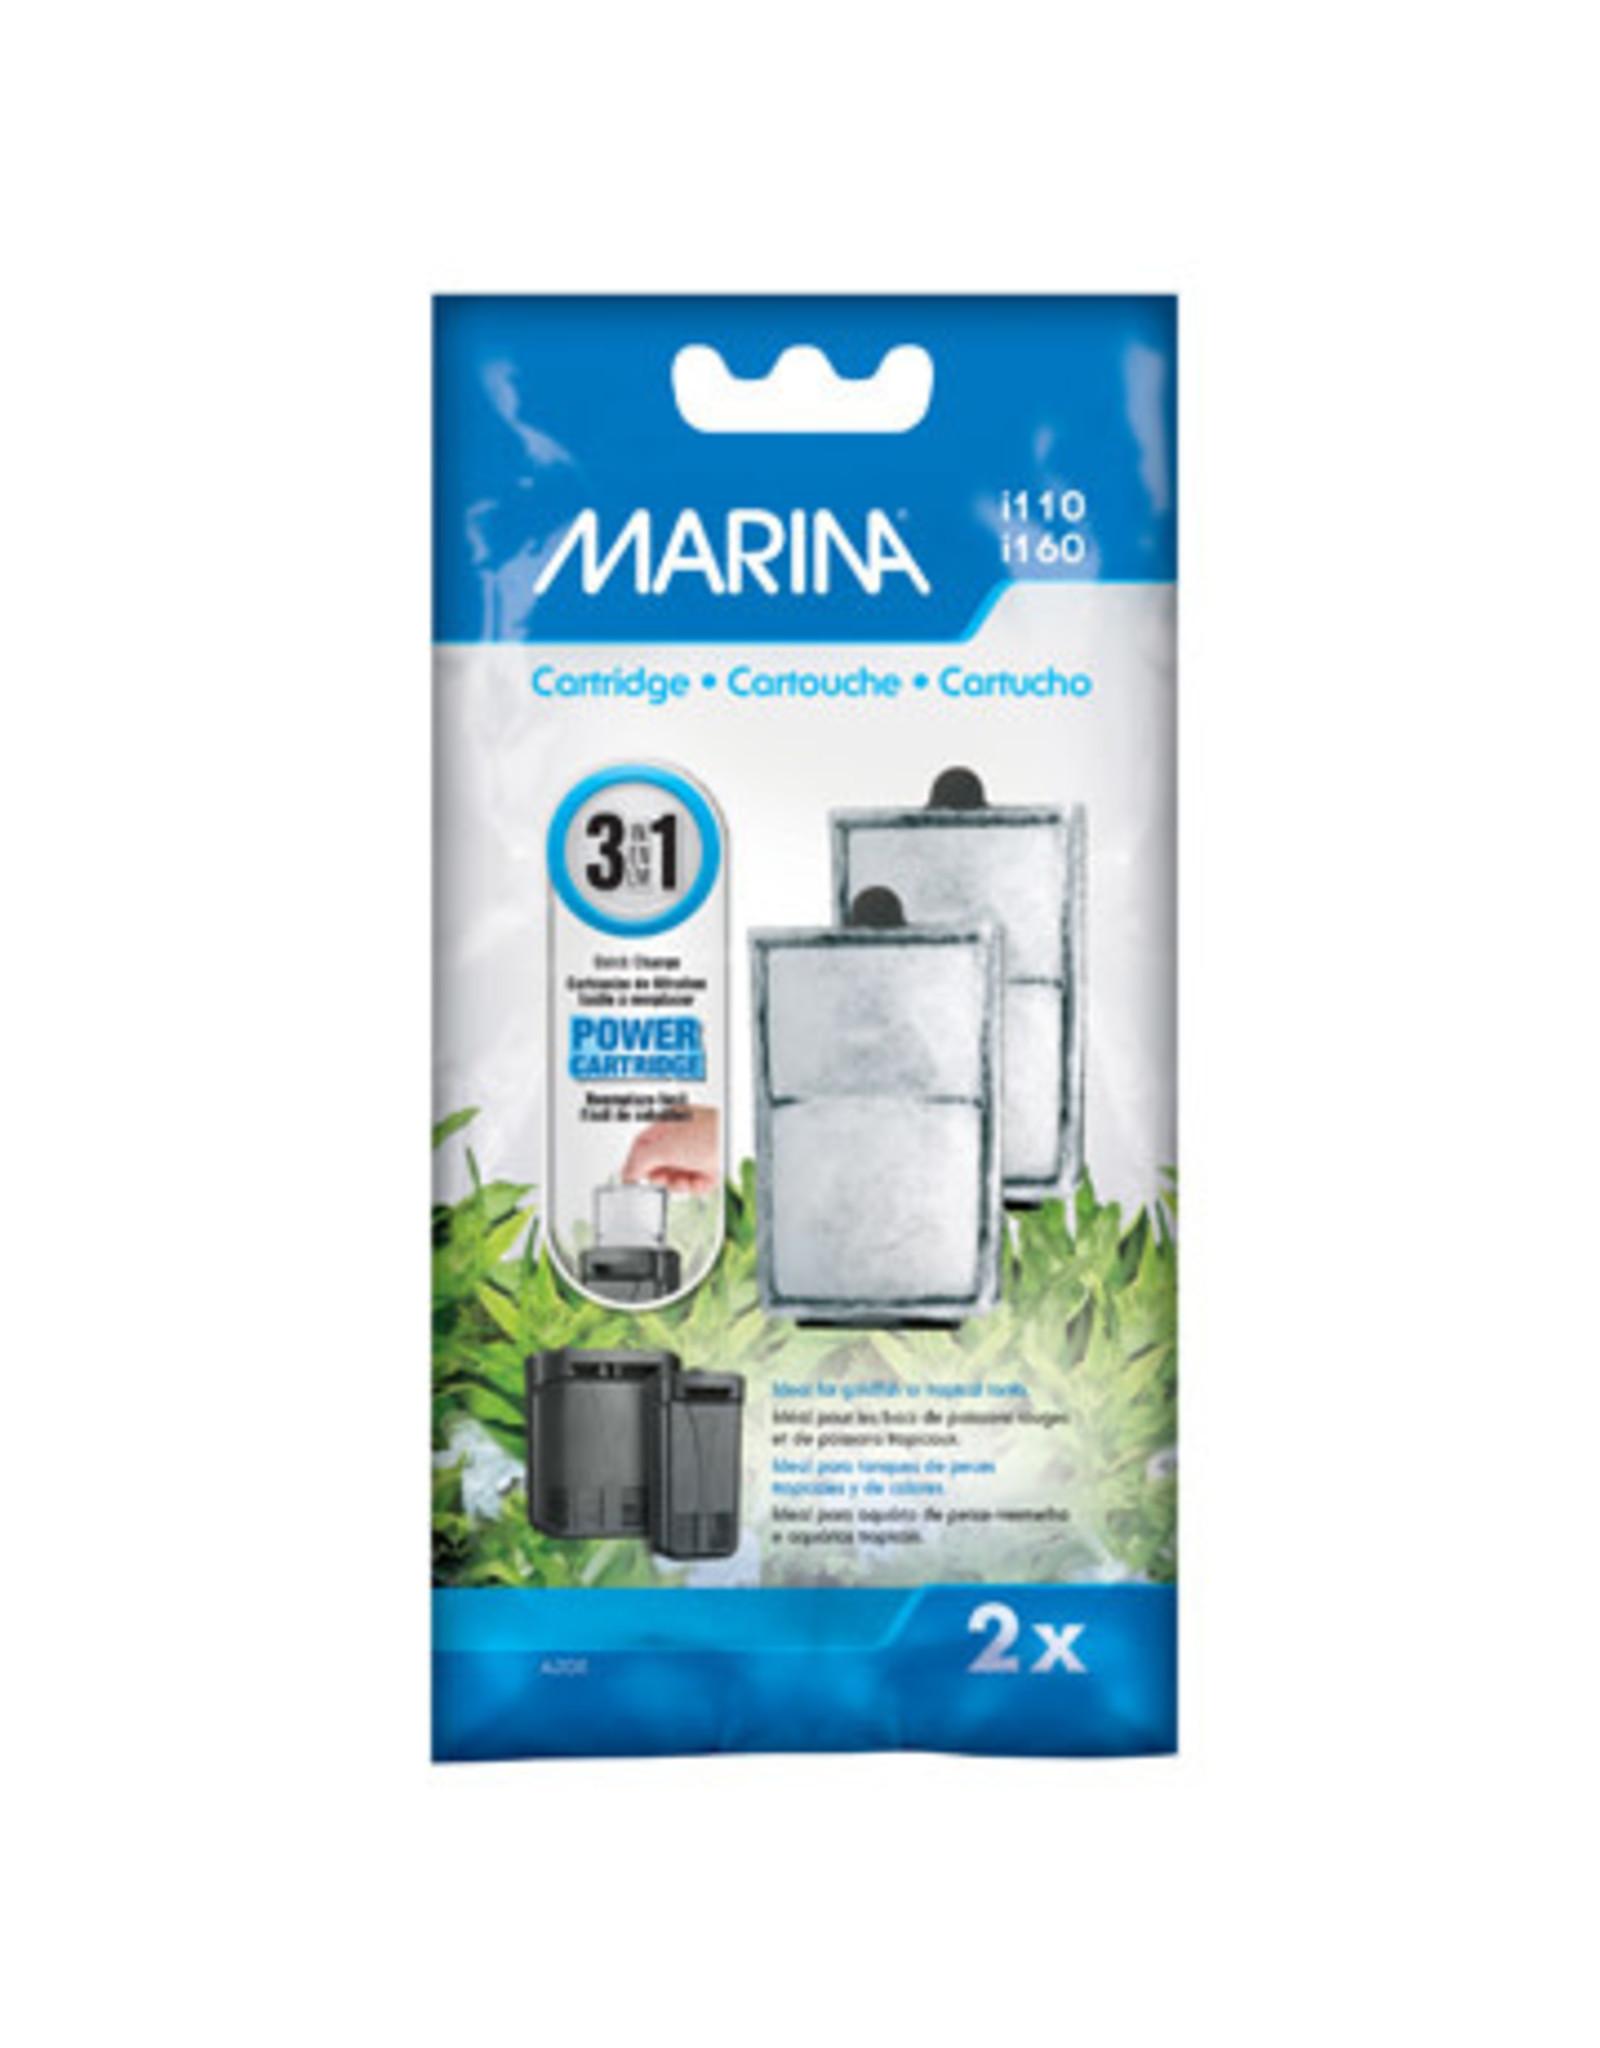 Marina Marina i110 and i160 Internal Filter Refill Cartridge - 2 pcs